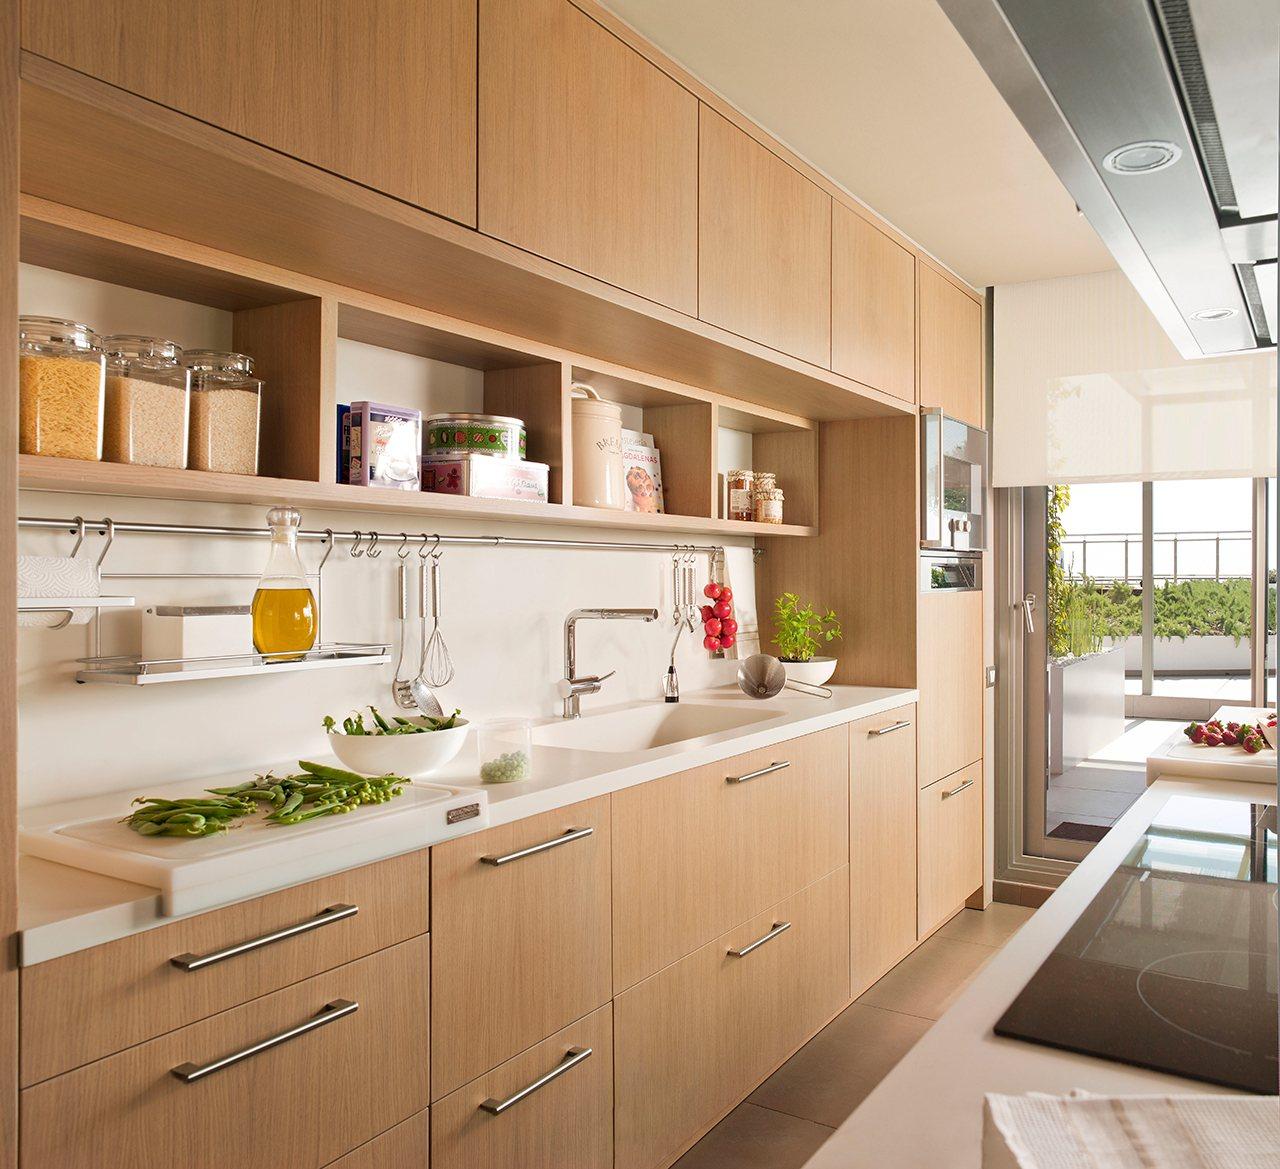 Muebles Pequenos Para Cocina - Ideas Para Aprovechar El Espacio En Las Cocinas Peque As[mjhdah]http://www.i-cocinas.com/Imagenes/muebles-para-cocinas-pequenas.jpg